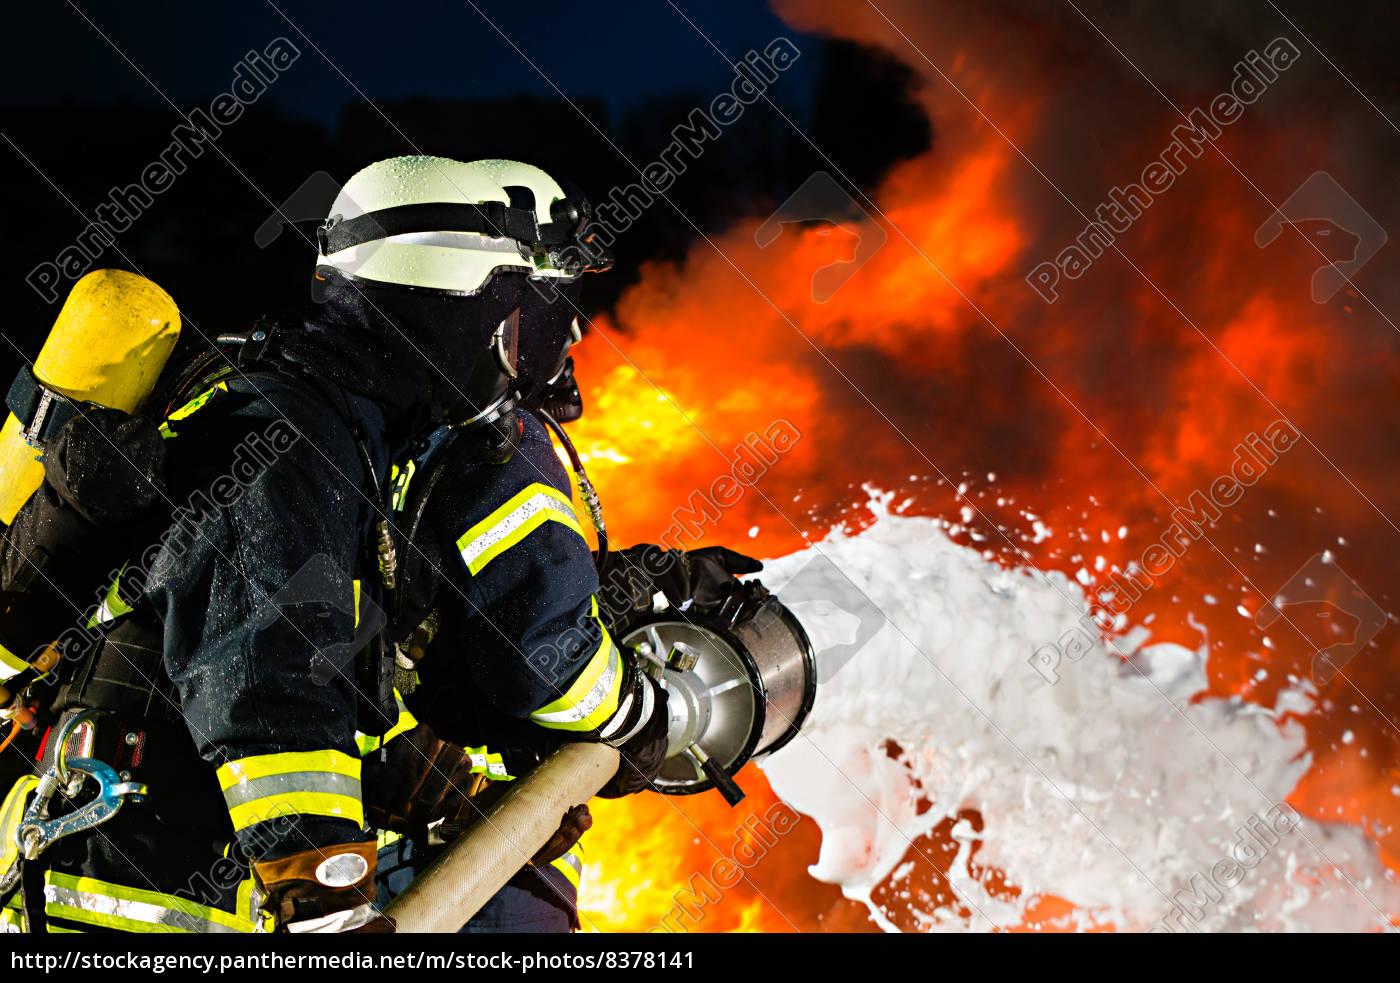 feuerwehr, -, feuerwehrmänner, löschen, einen, brand - 8378141